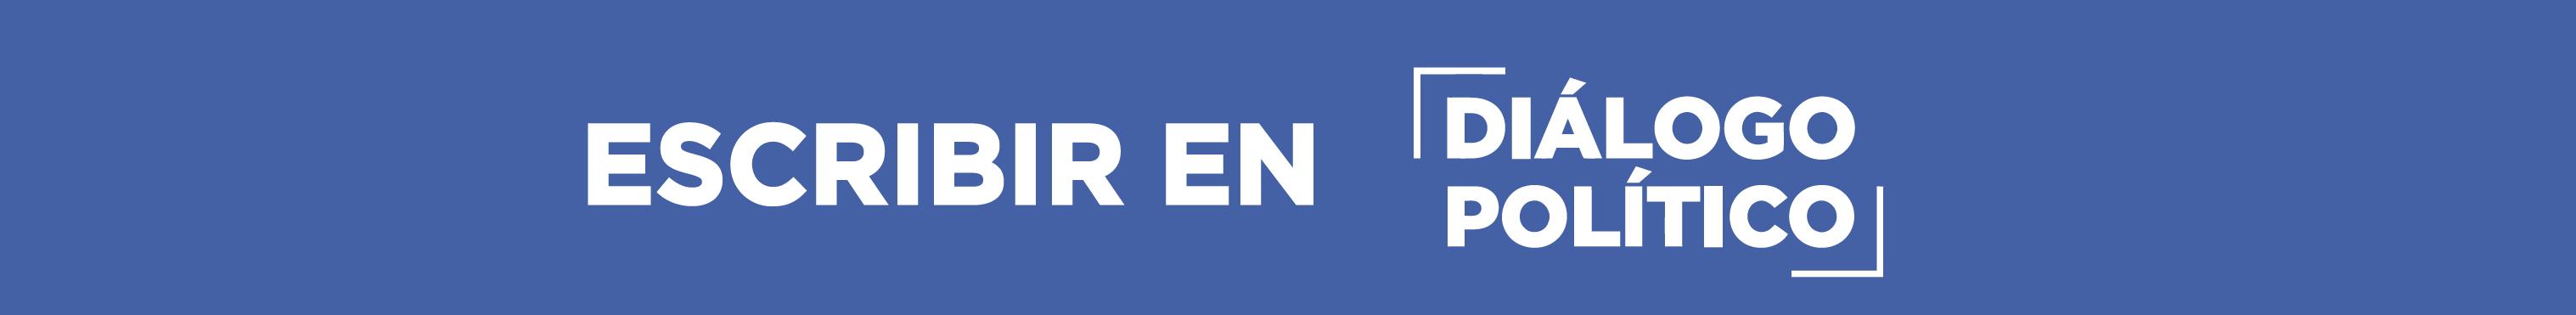 Logo Dialogo Politico [Convertido]